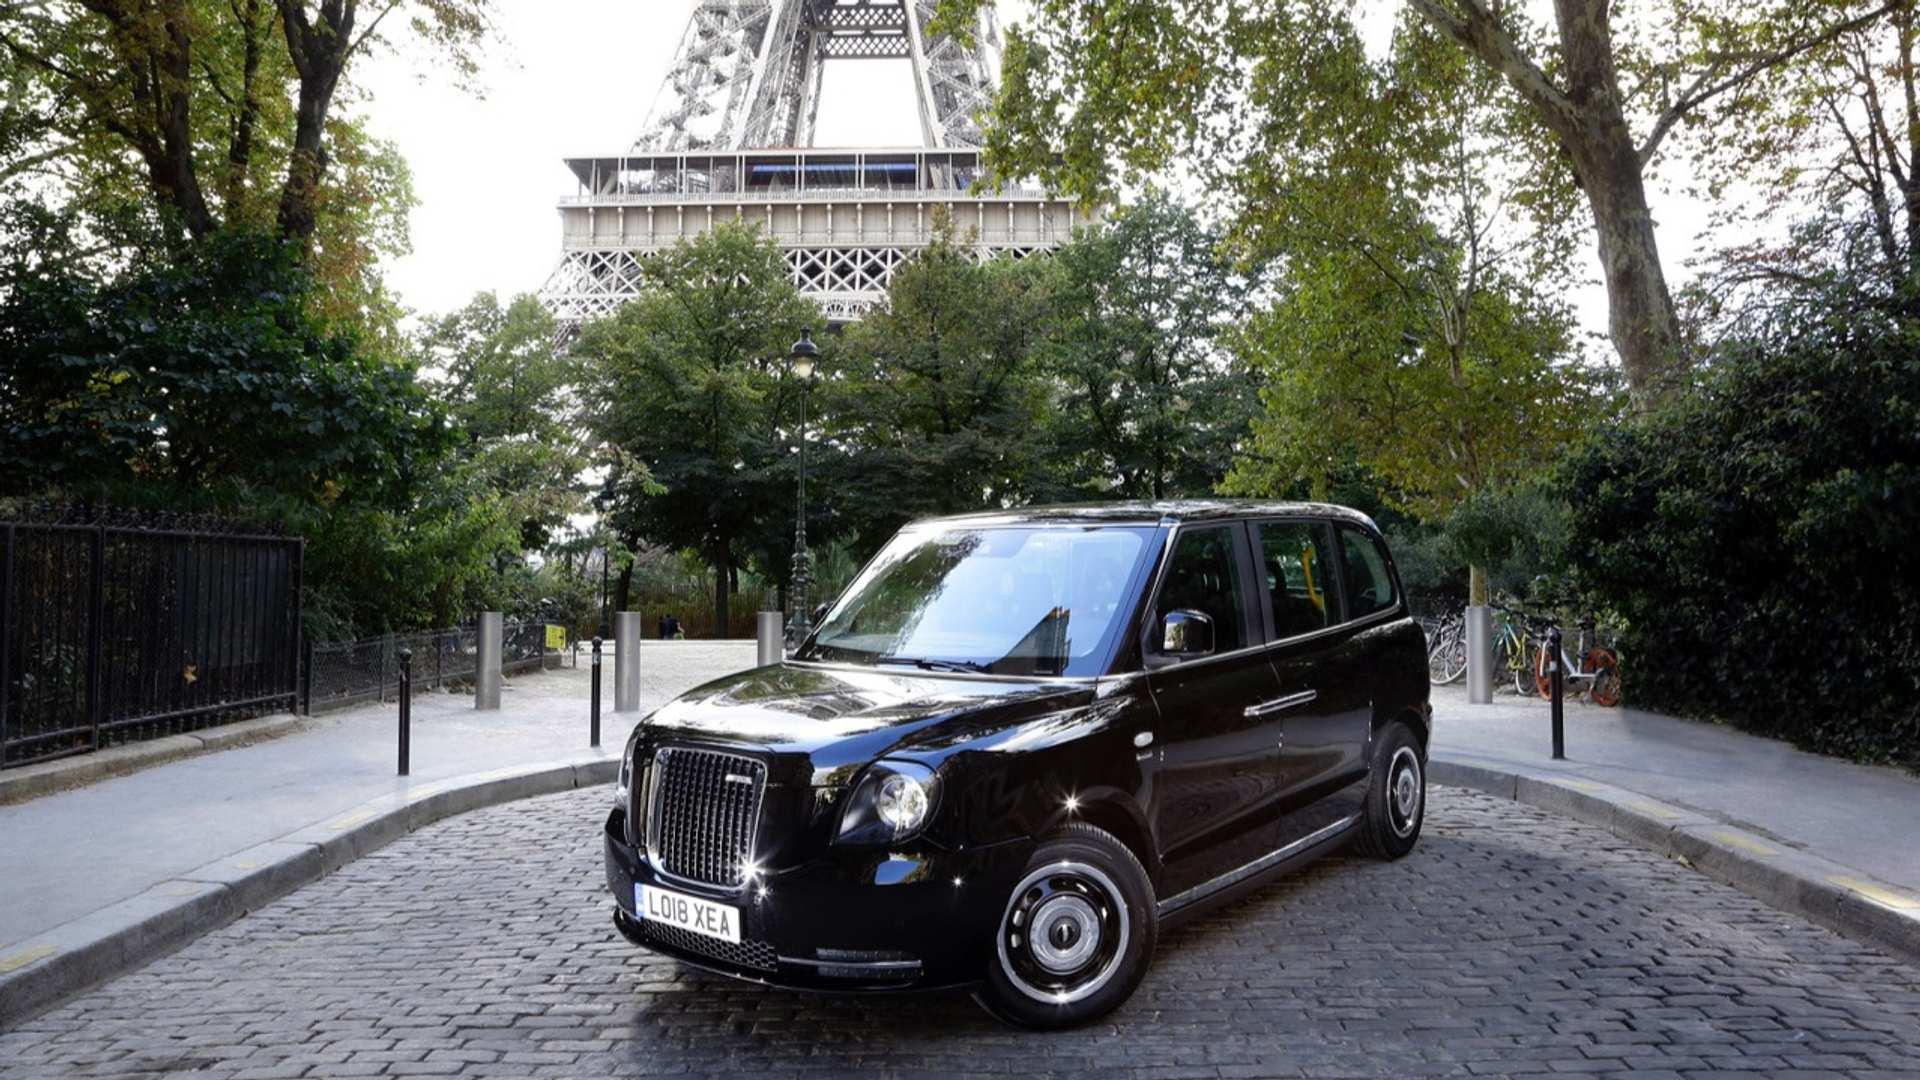 Les taxis anglais arrivent à Paris (et ils ne polluent pas)